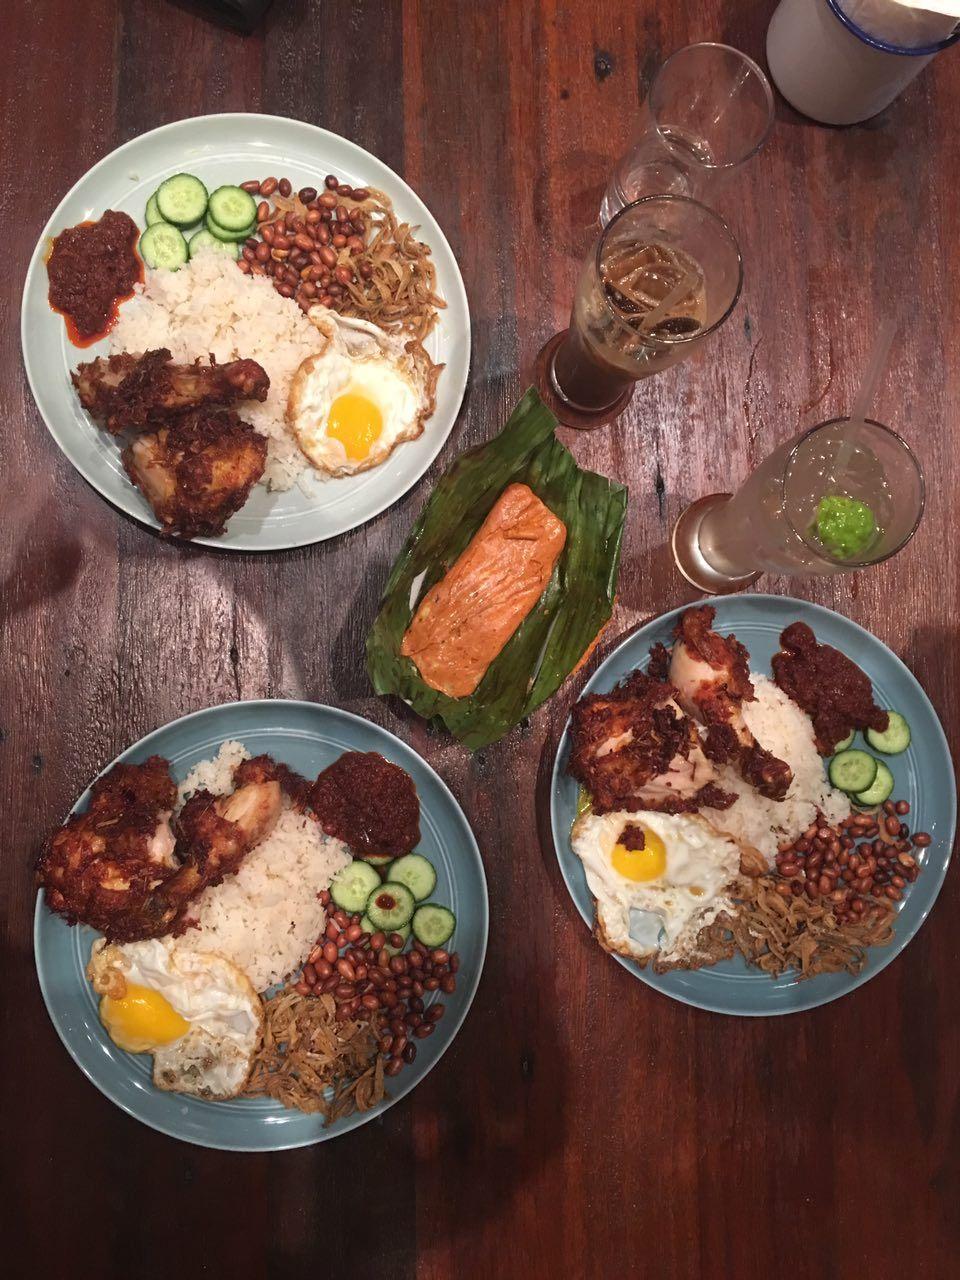 High price for nasi lemak